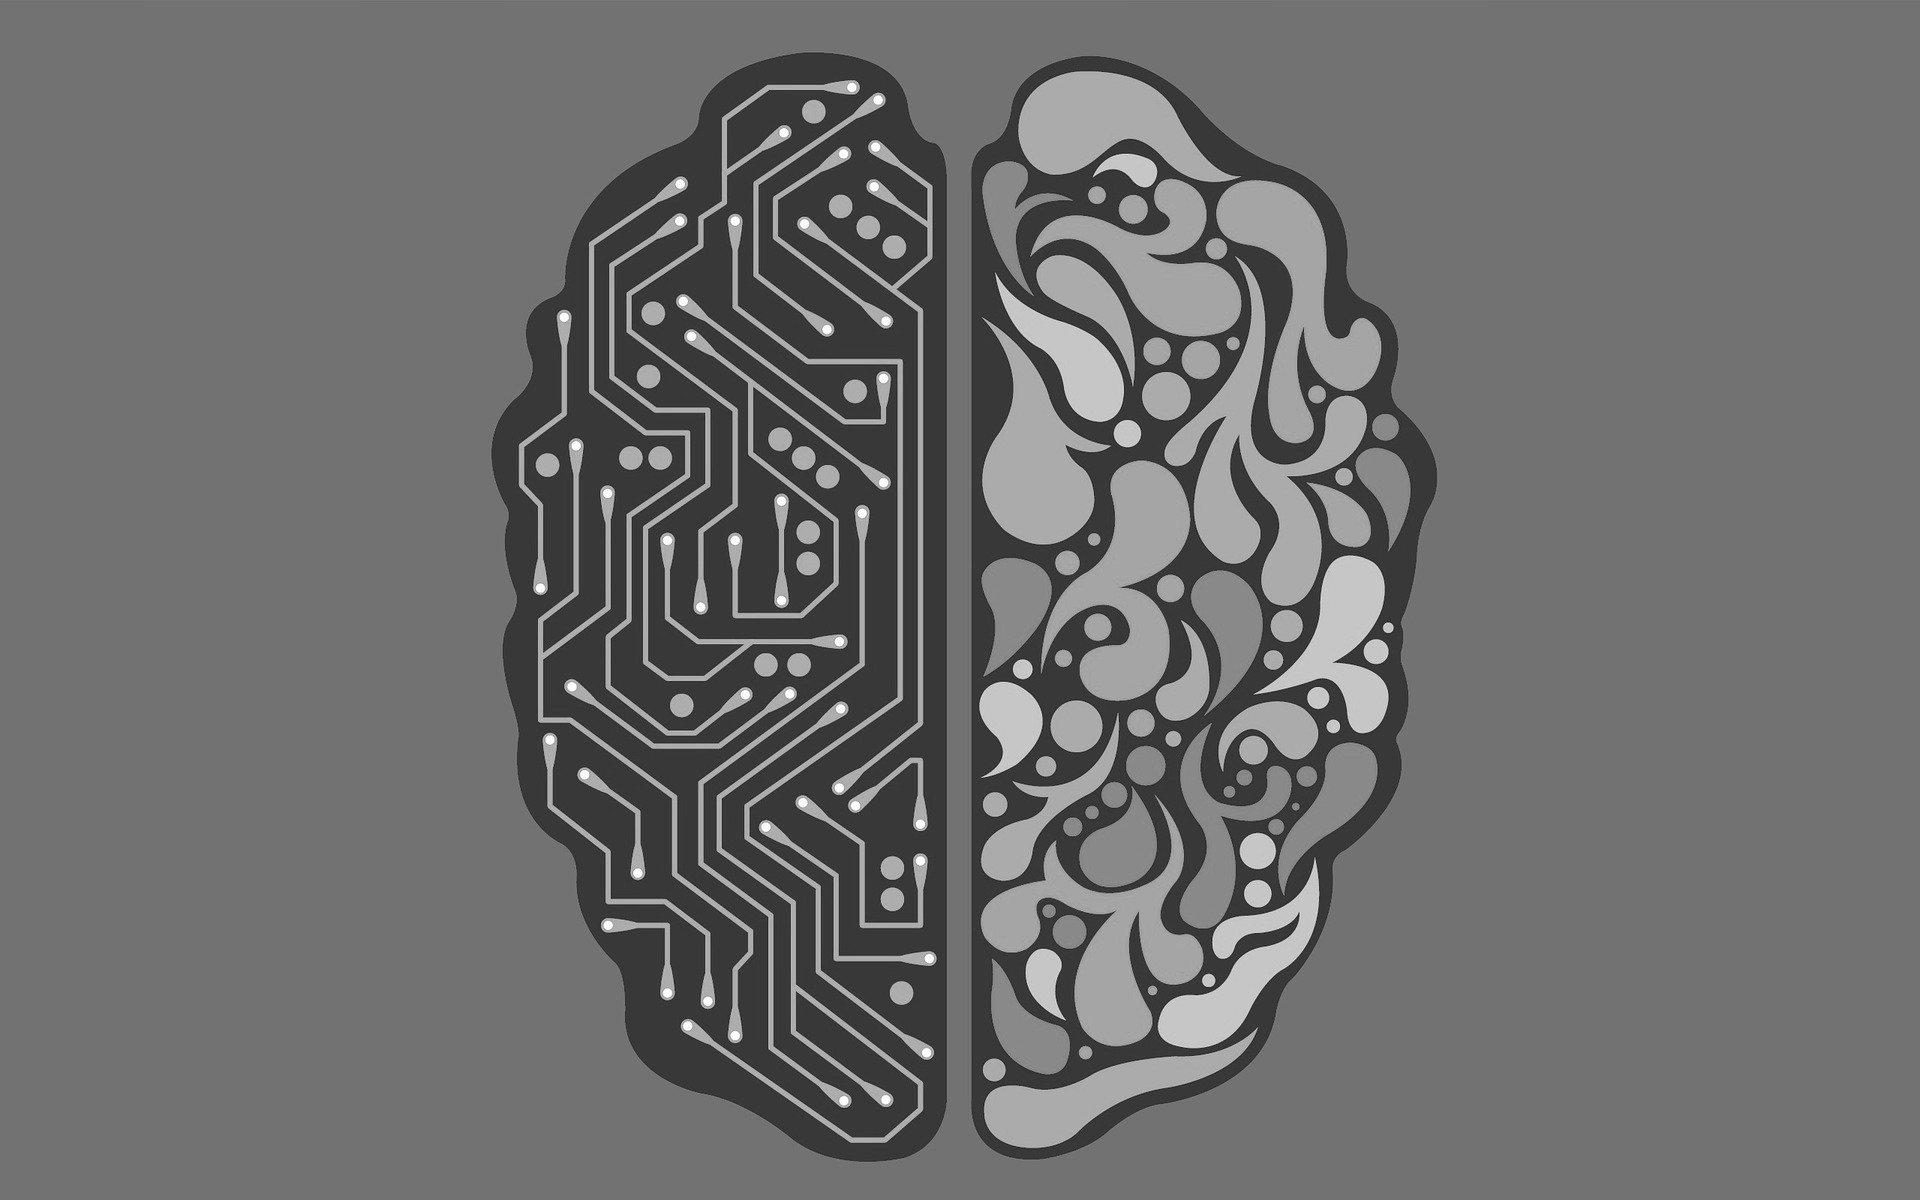 Samsung chce skopiować strukturę mózgu, aby stworzyć jego cyfrowy odpowiednik